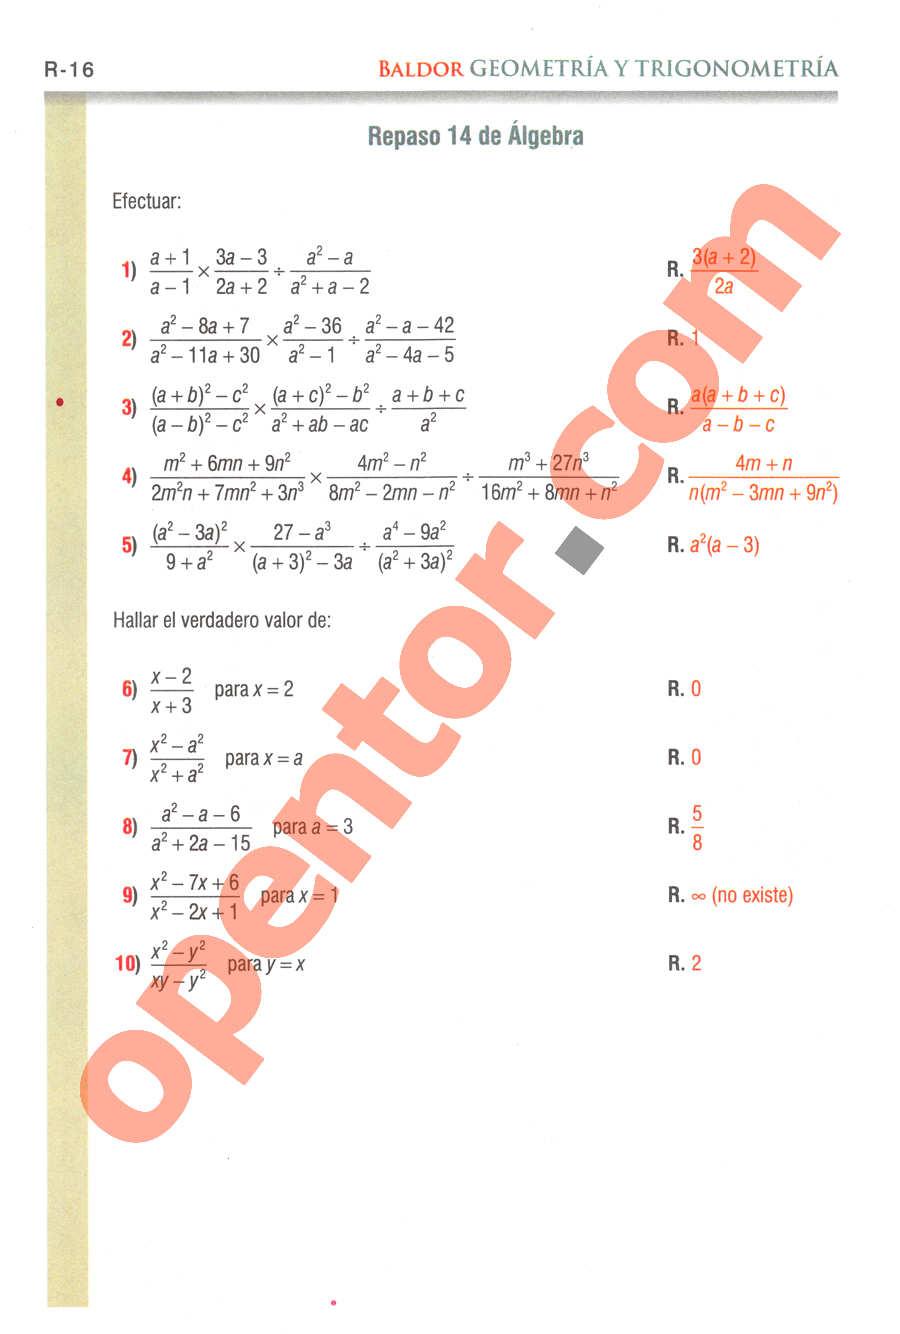 Geometría y Trigonometría de Baldor - Página R16